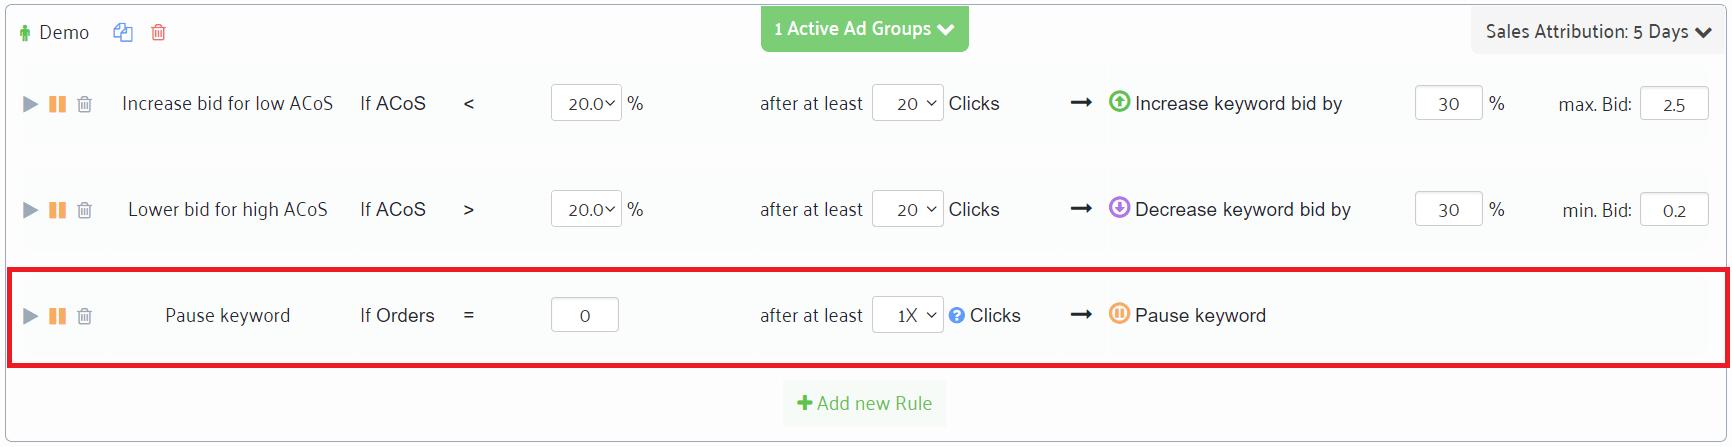 keyword bid automation